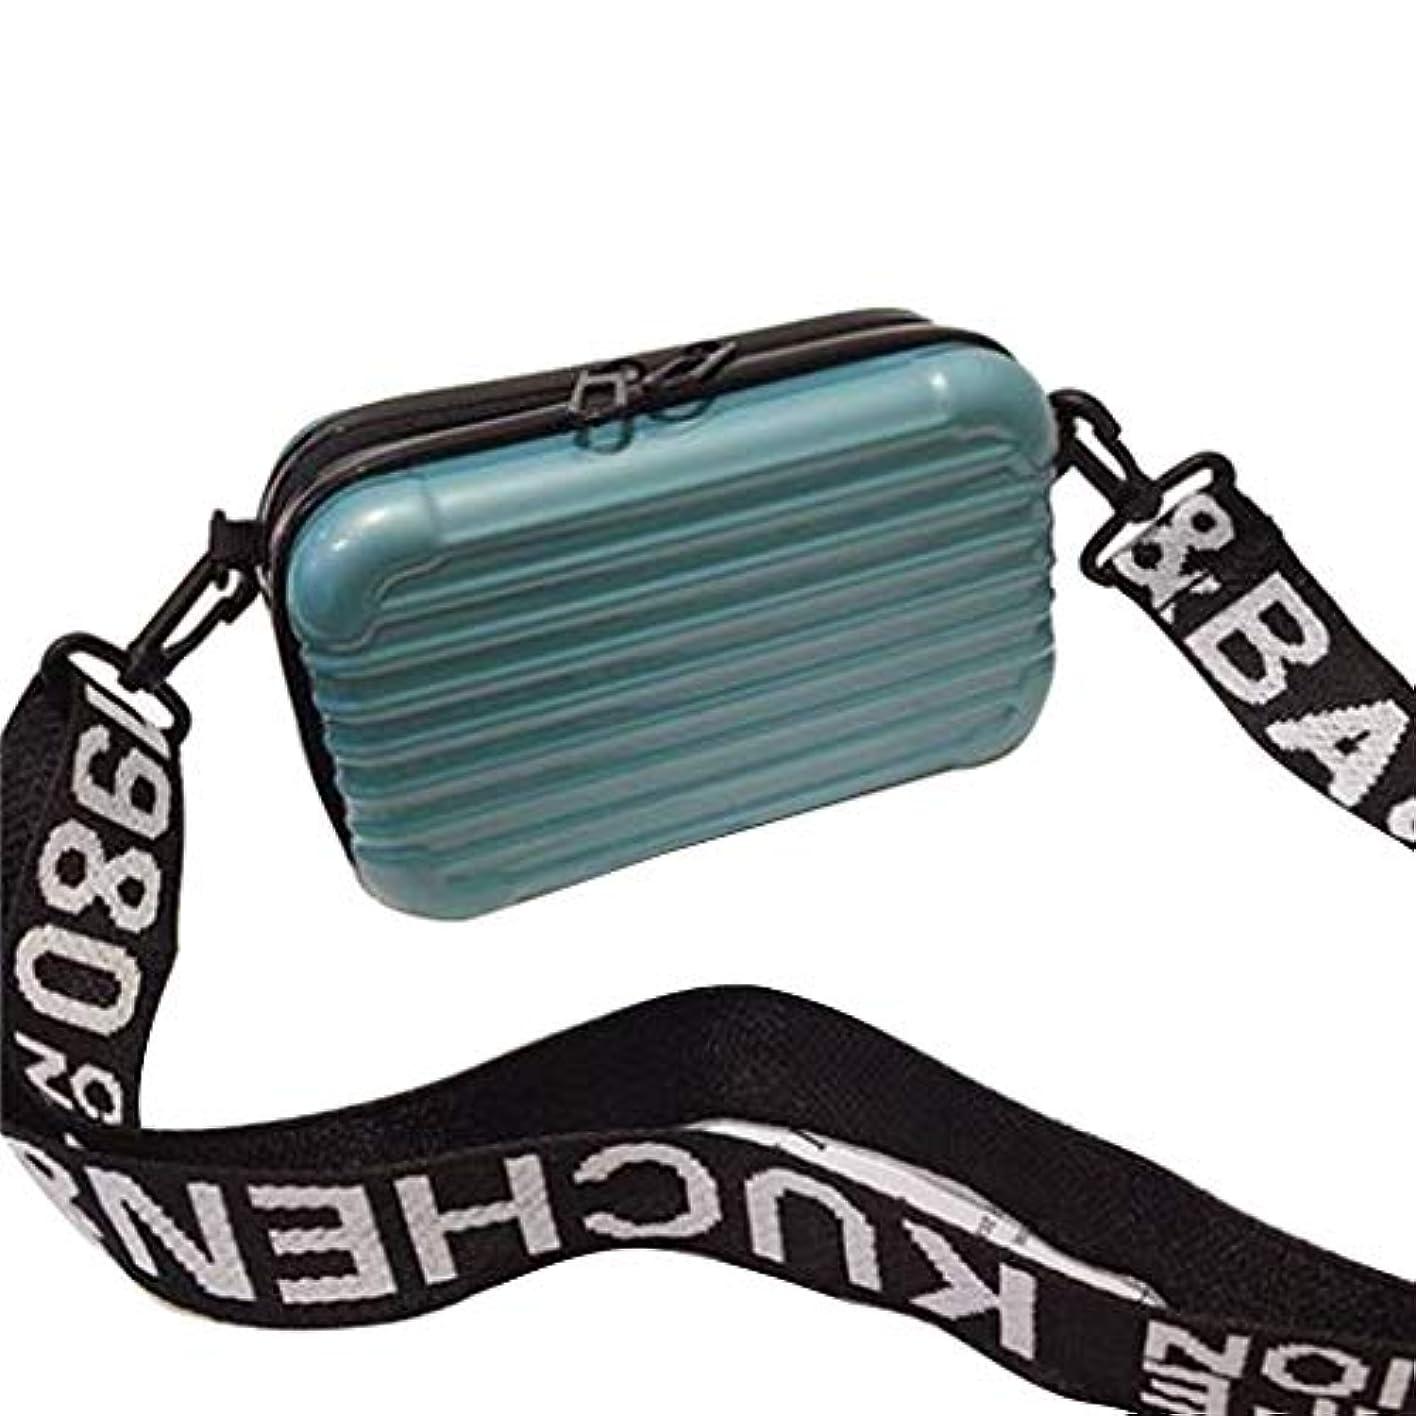 ラバまつげ限定Nerhaily 化粧ポーチ 多機能ポーチ 収納バッグ 軽量 旅行 出張 お出かけ 持ち運び便利 スーツケース型 5色選択可 (青)